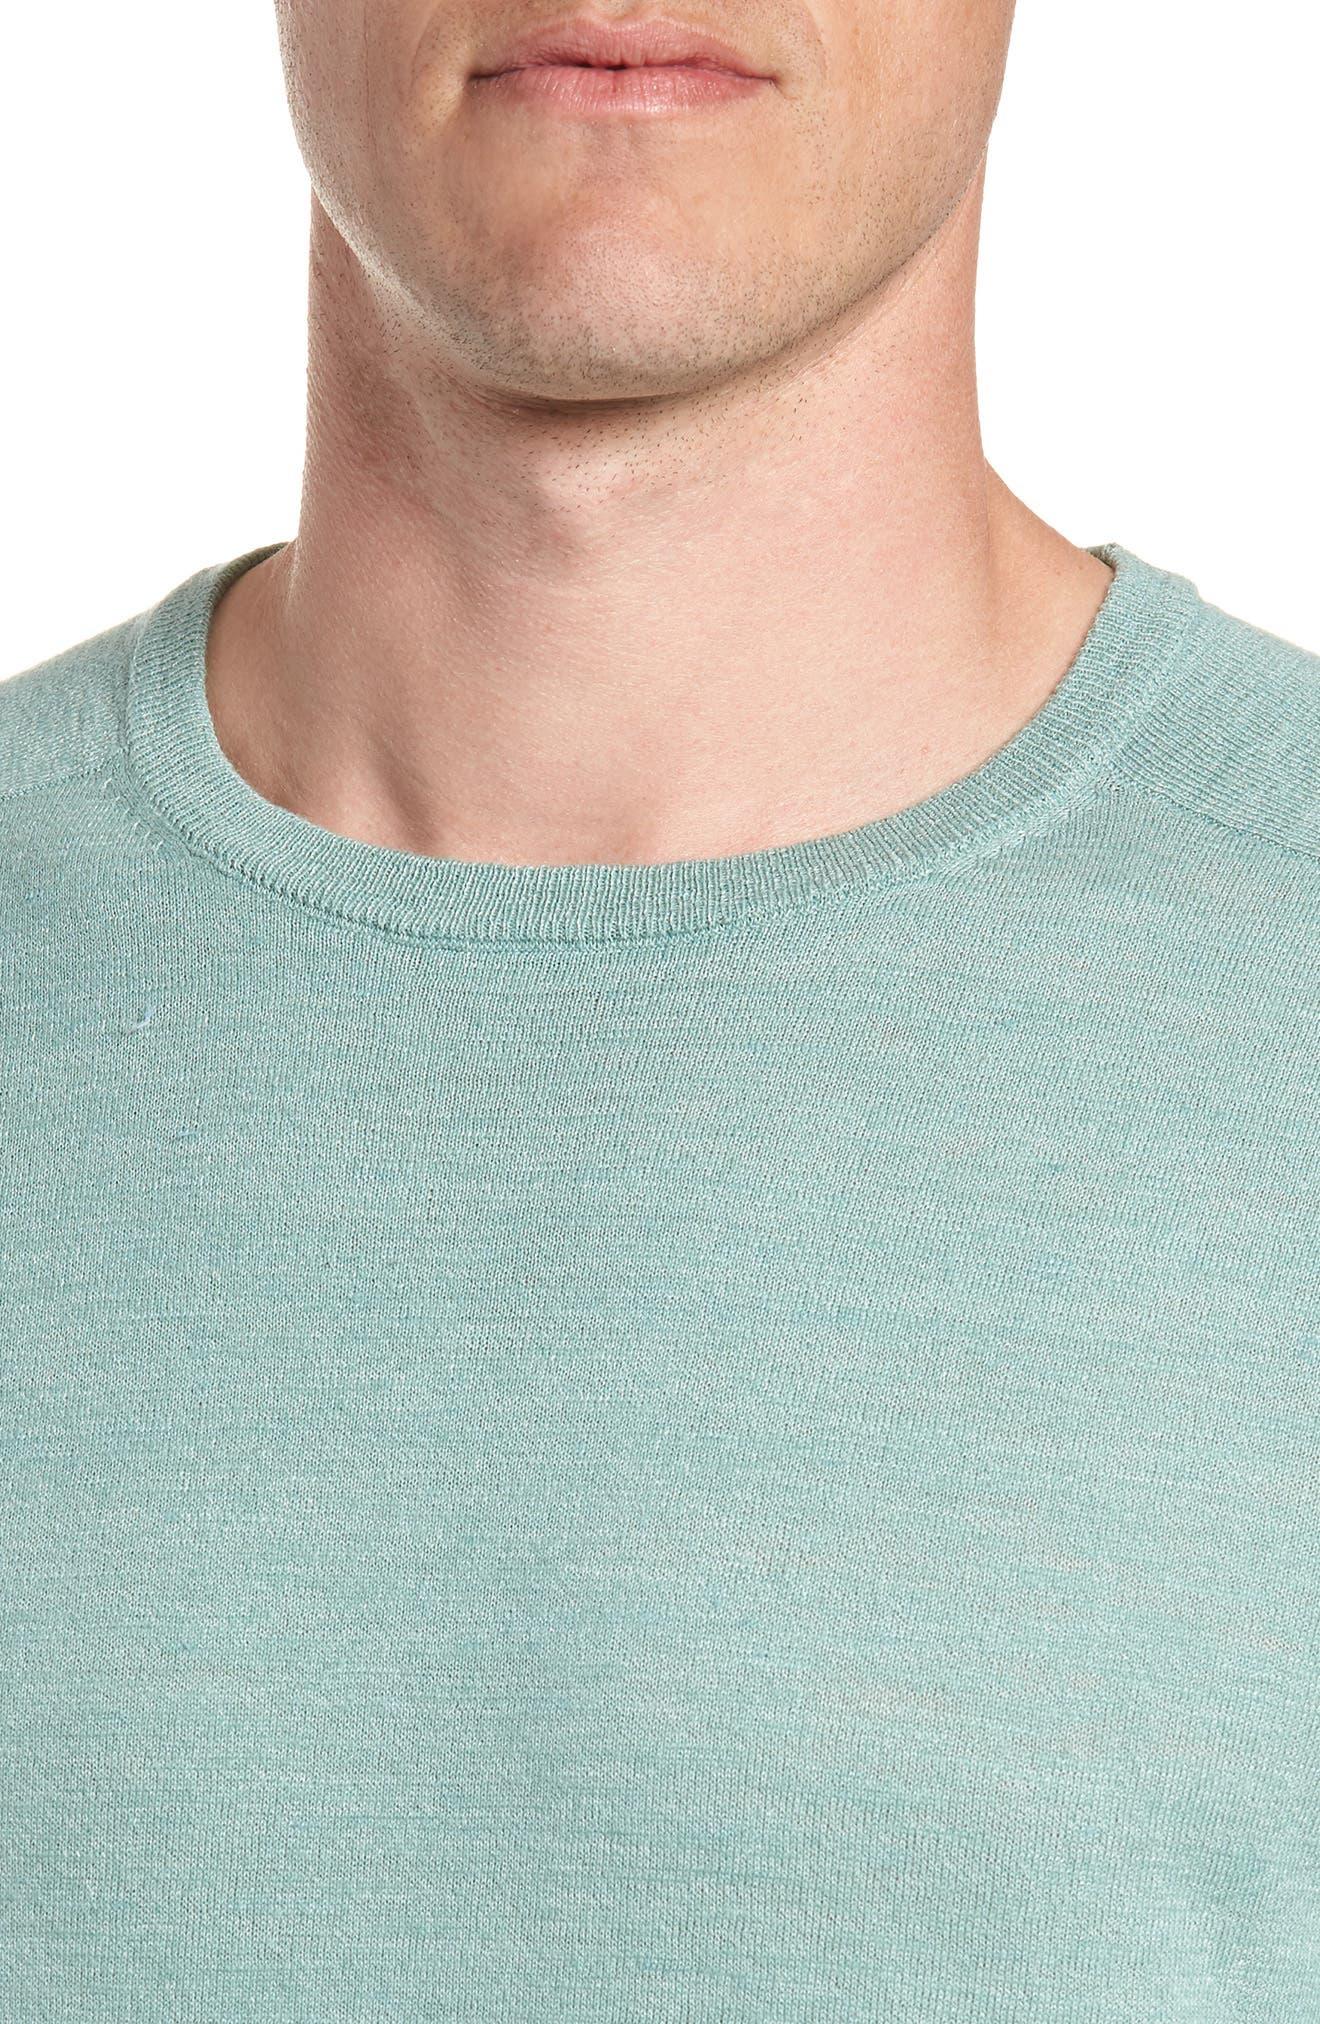 Cotton Blend Crewneck Sweater,                             Alternate thumbnail 14, color,